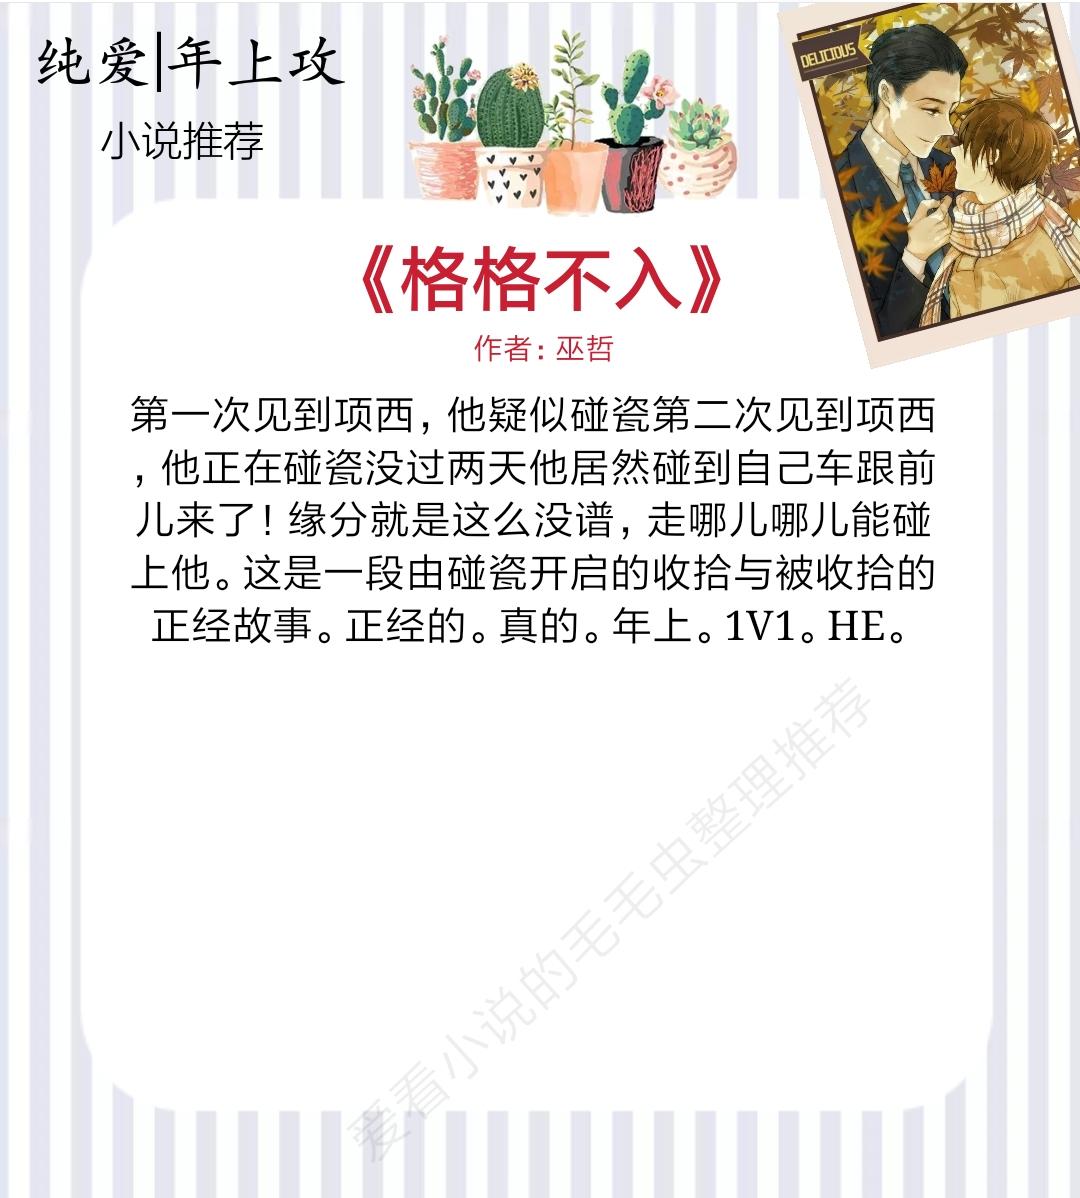 5本年上攻的纯爱小说,最萌年龄差,看老男人如何实力宠妻~